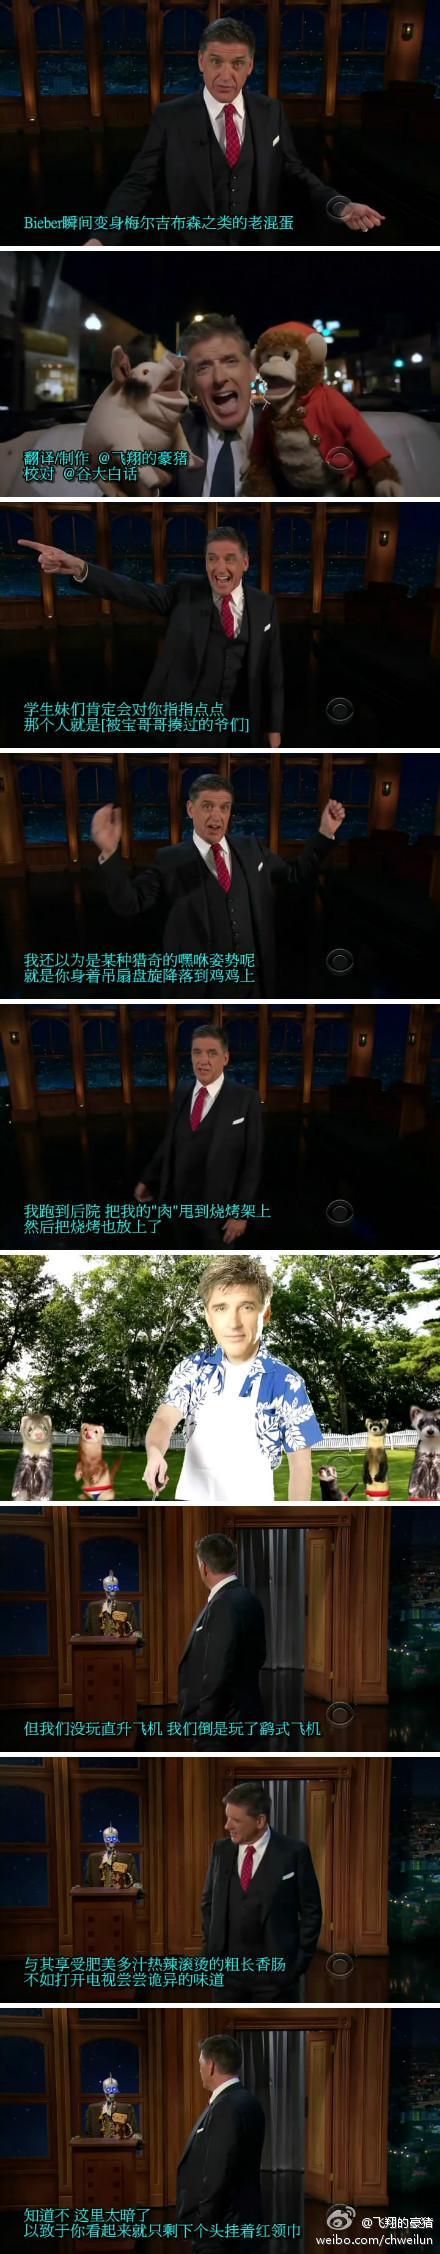 深深夜秀(雷雷秀)2012.05.28 monologue+读推回邮